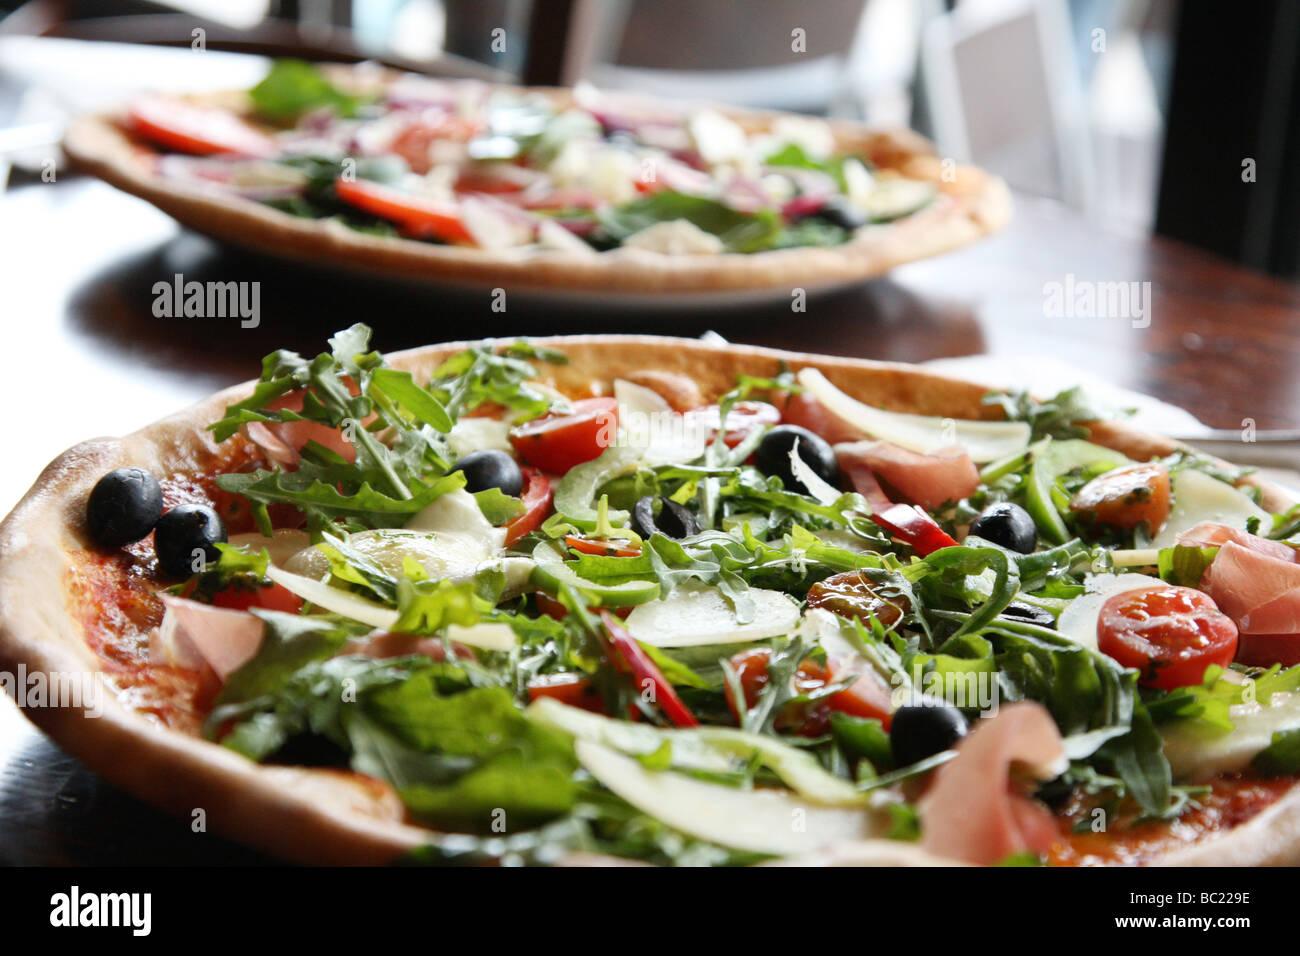 Due pizze che aspetto invitante e delizioso pronto per mangiare. Cotto al forno in pietra crosta sottile Immagini Stock